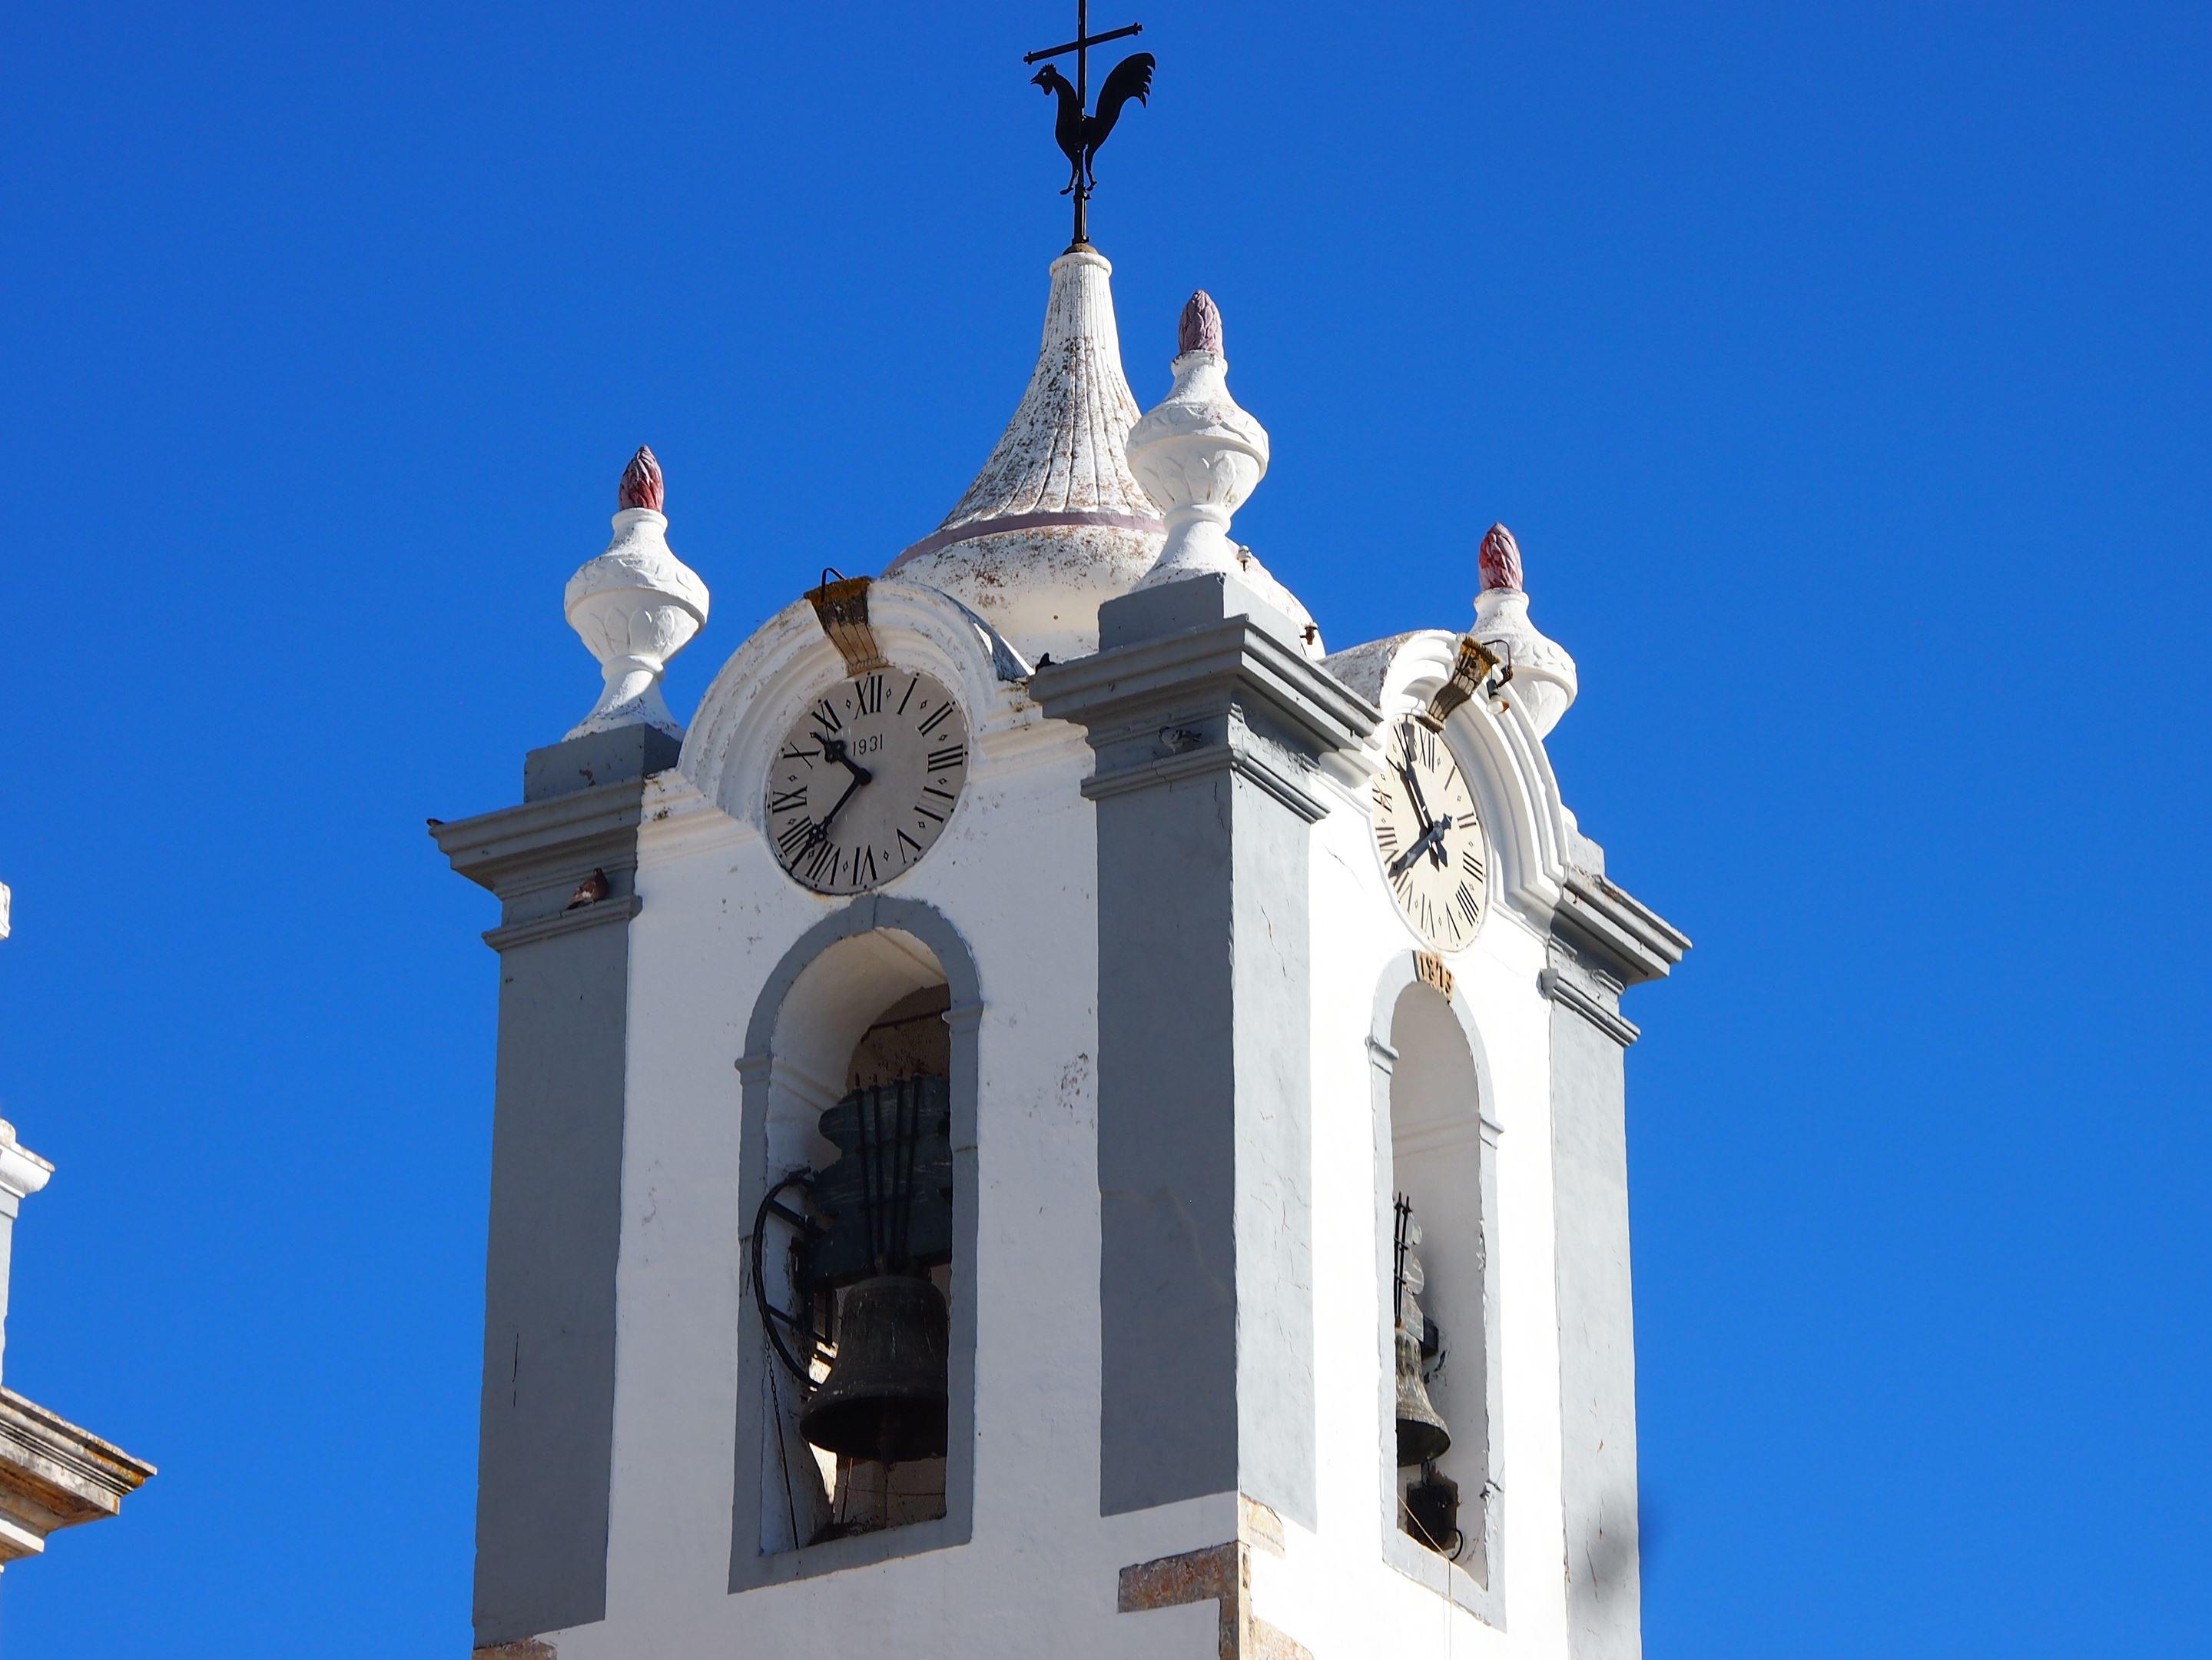 Estoi church - Igreja Matriz de Estoi clocktower, Algarve